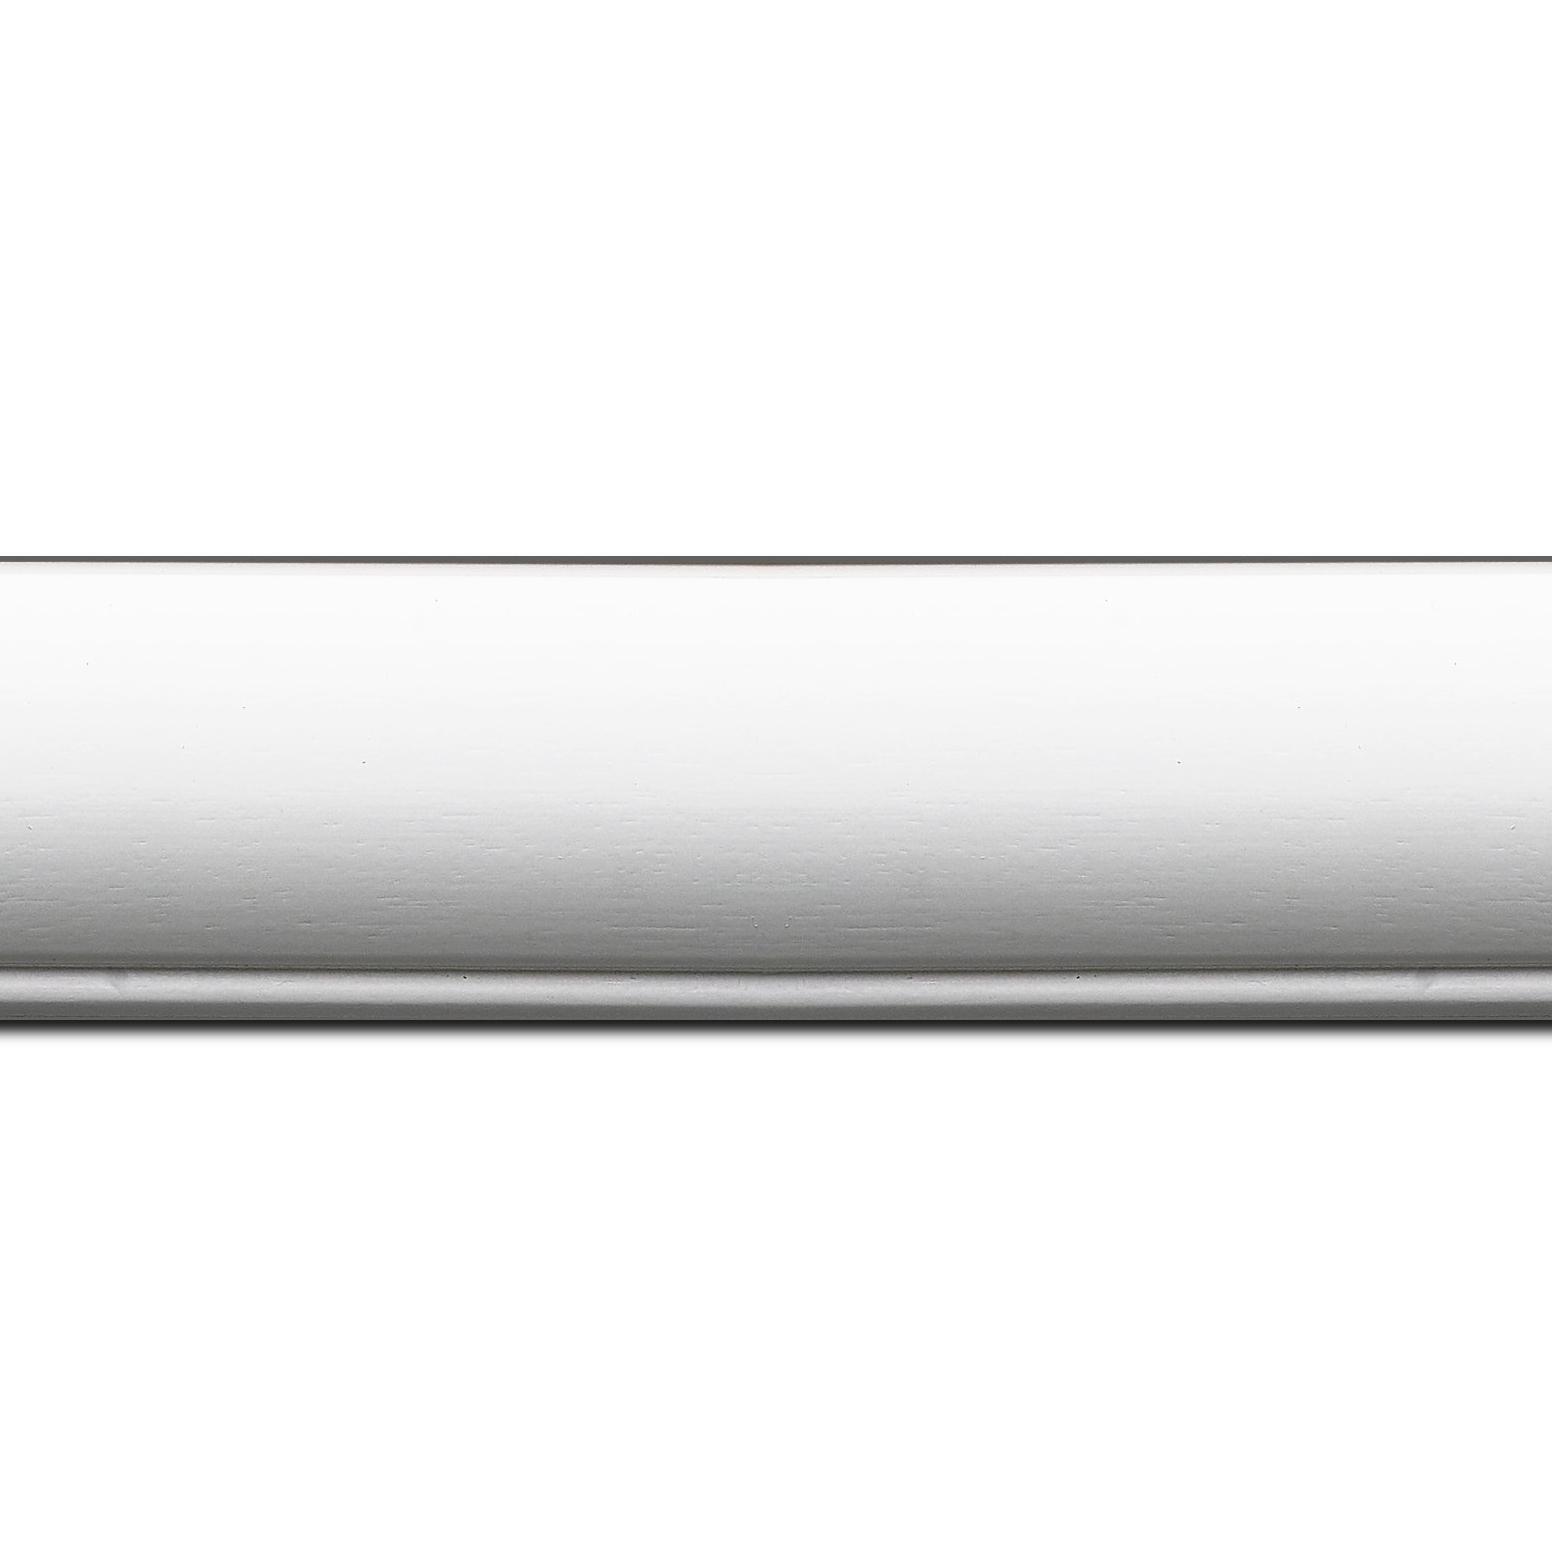 Pack par 12m, bois profil arrondi largeur 4.7cm couleur blanc mat finition pore bouché filet blanc(longueur baguette pouvant varier entre 2.40m et 3m selon arrivage des bois)